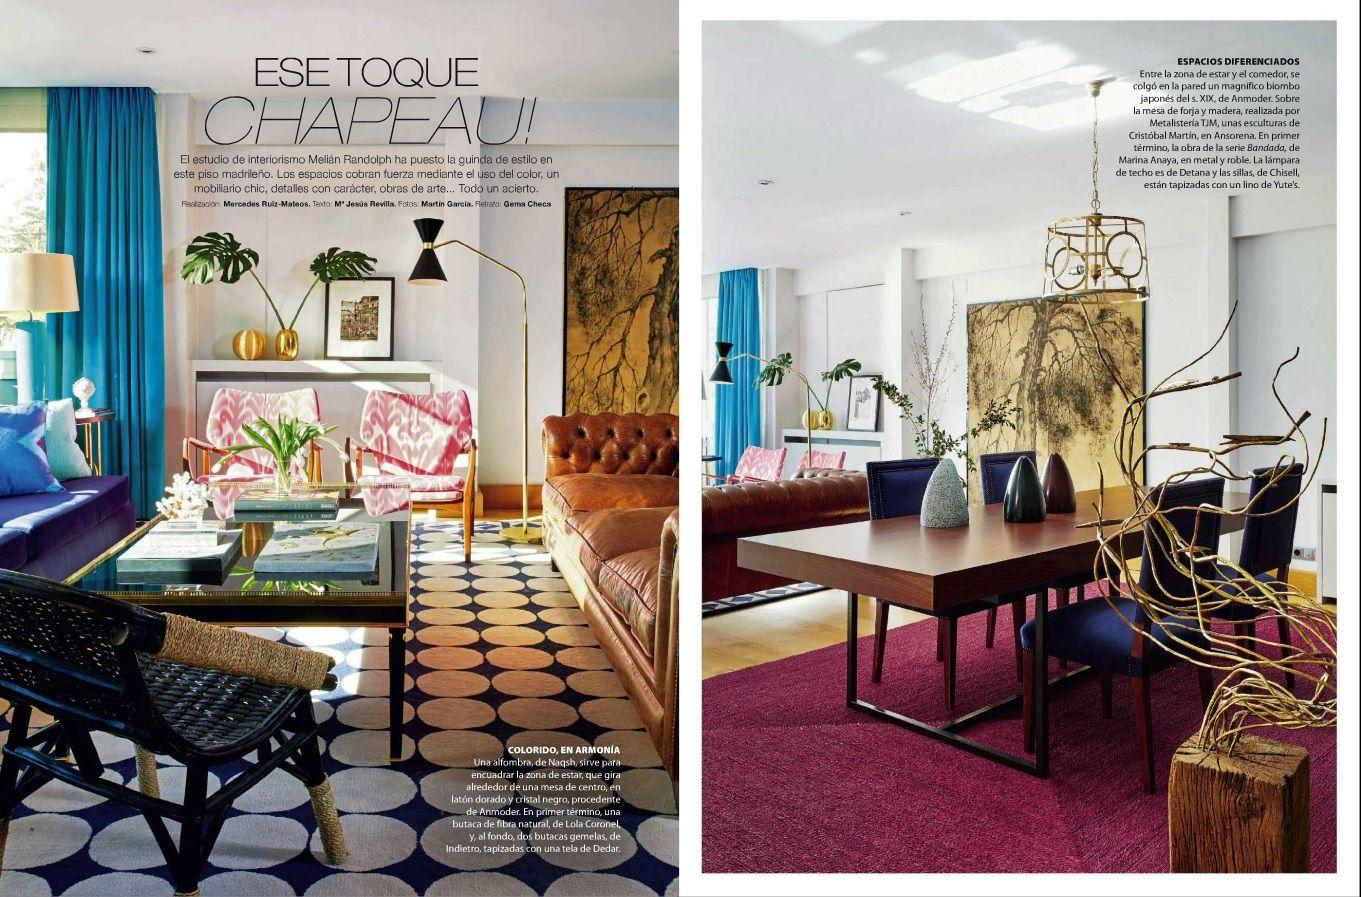 Reportaje En La Revista Nuevoestilo Del Mes De Marzo Stylemelianrandolph Deco Design Interiors Deco Revistas Prensa